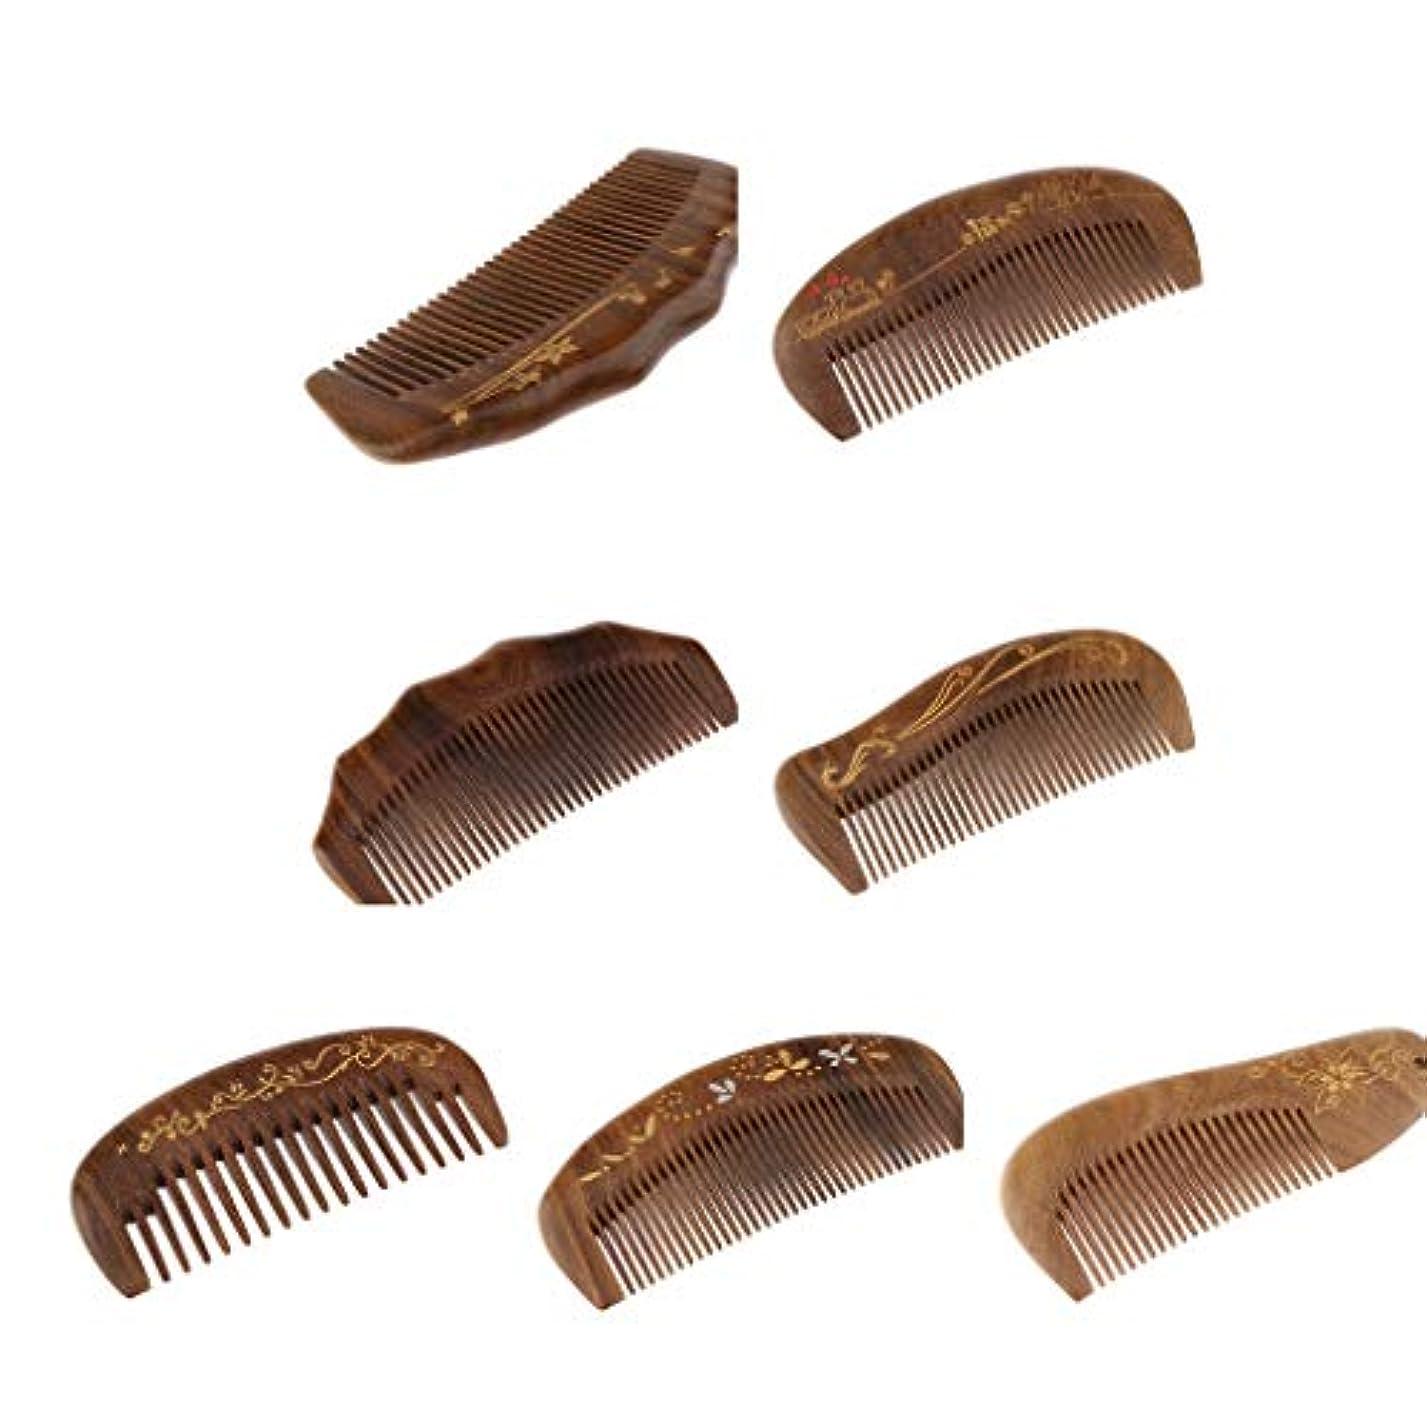 角度ニュースサーバントP Prettyia 7個 静電防止 ナチュラル 細かい歯 木製 ヘアマッサージコーム ヘアブラシ